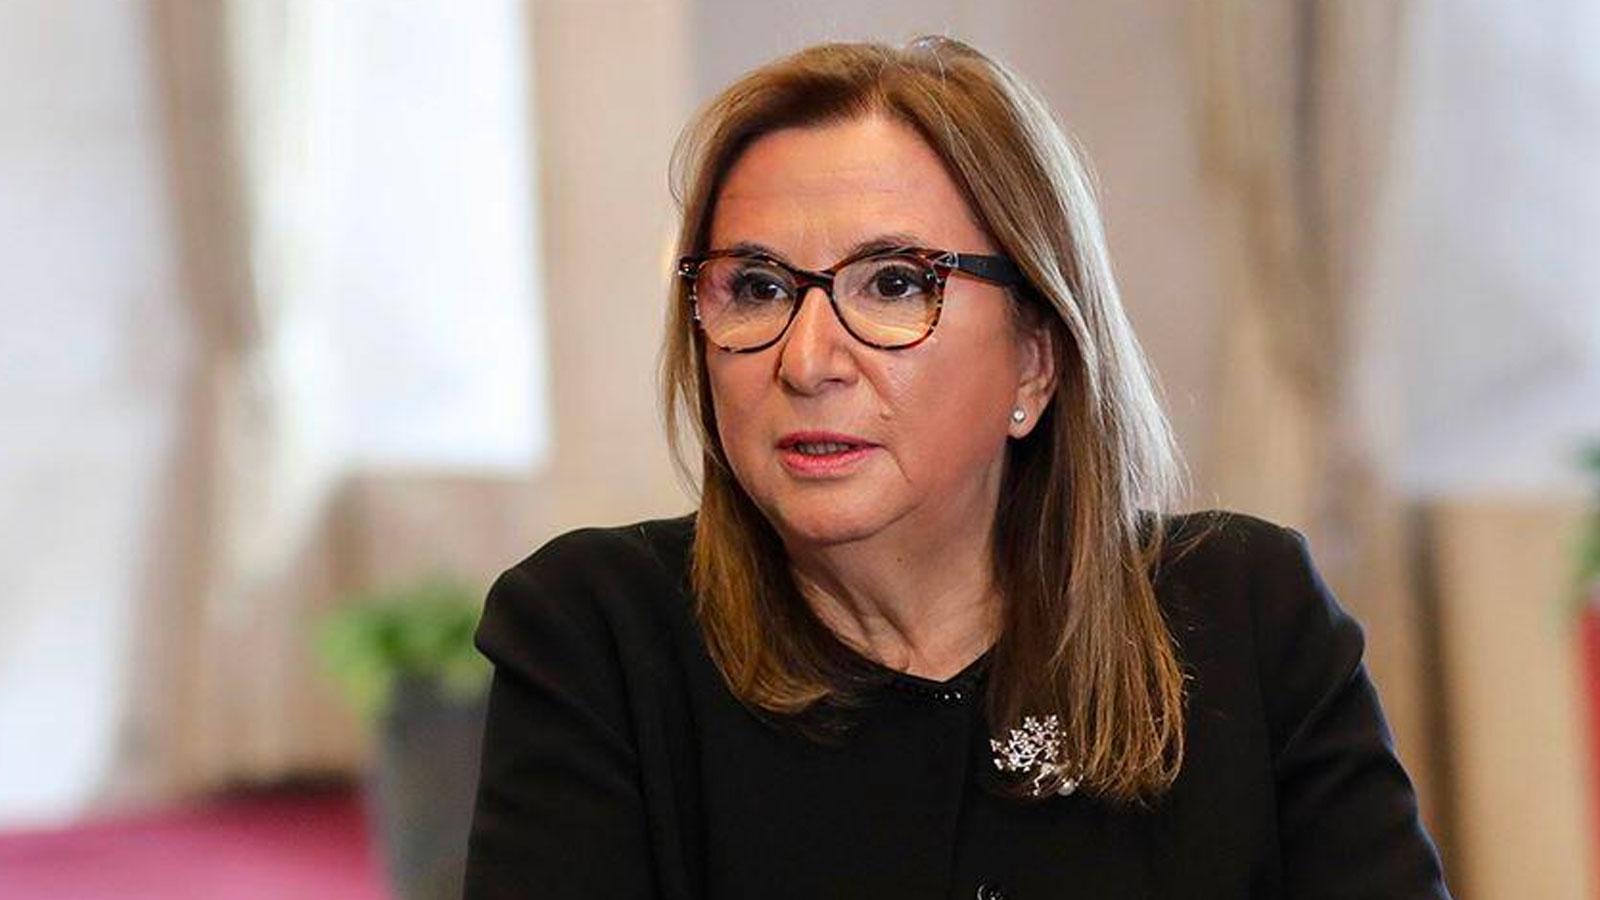 Ticaret Bakanı Pekcan'dan flaş açıklamalar